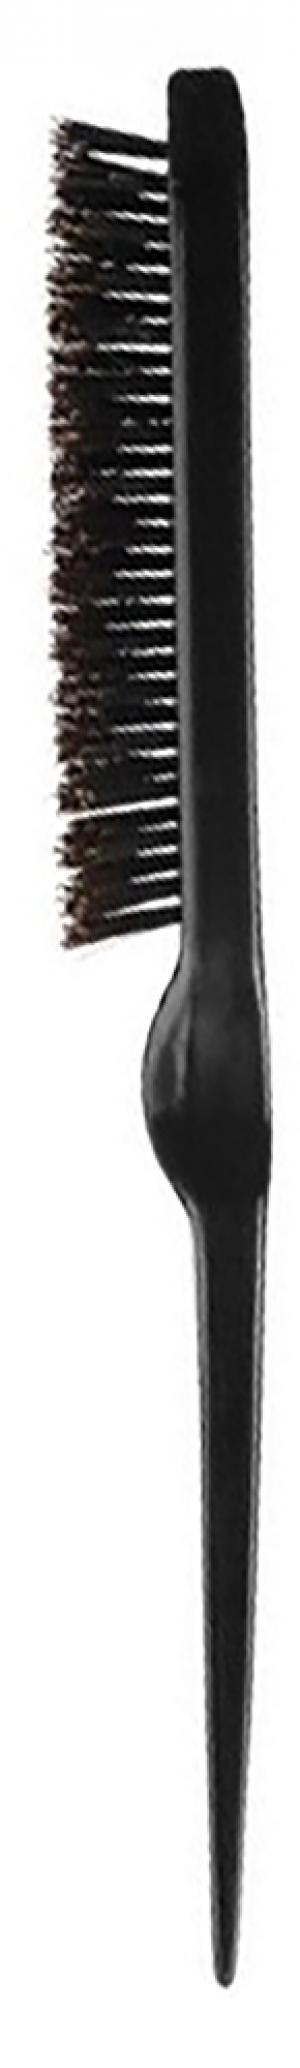 Щітка Eurostil для начісування з натуральною щетиною  - 00-00001384